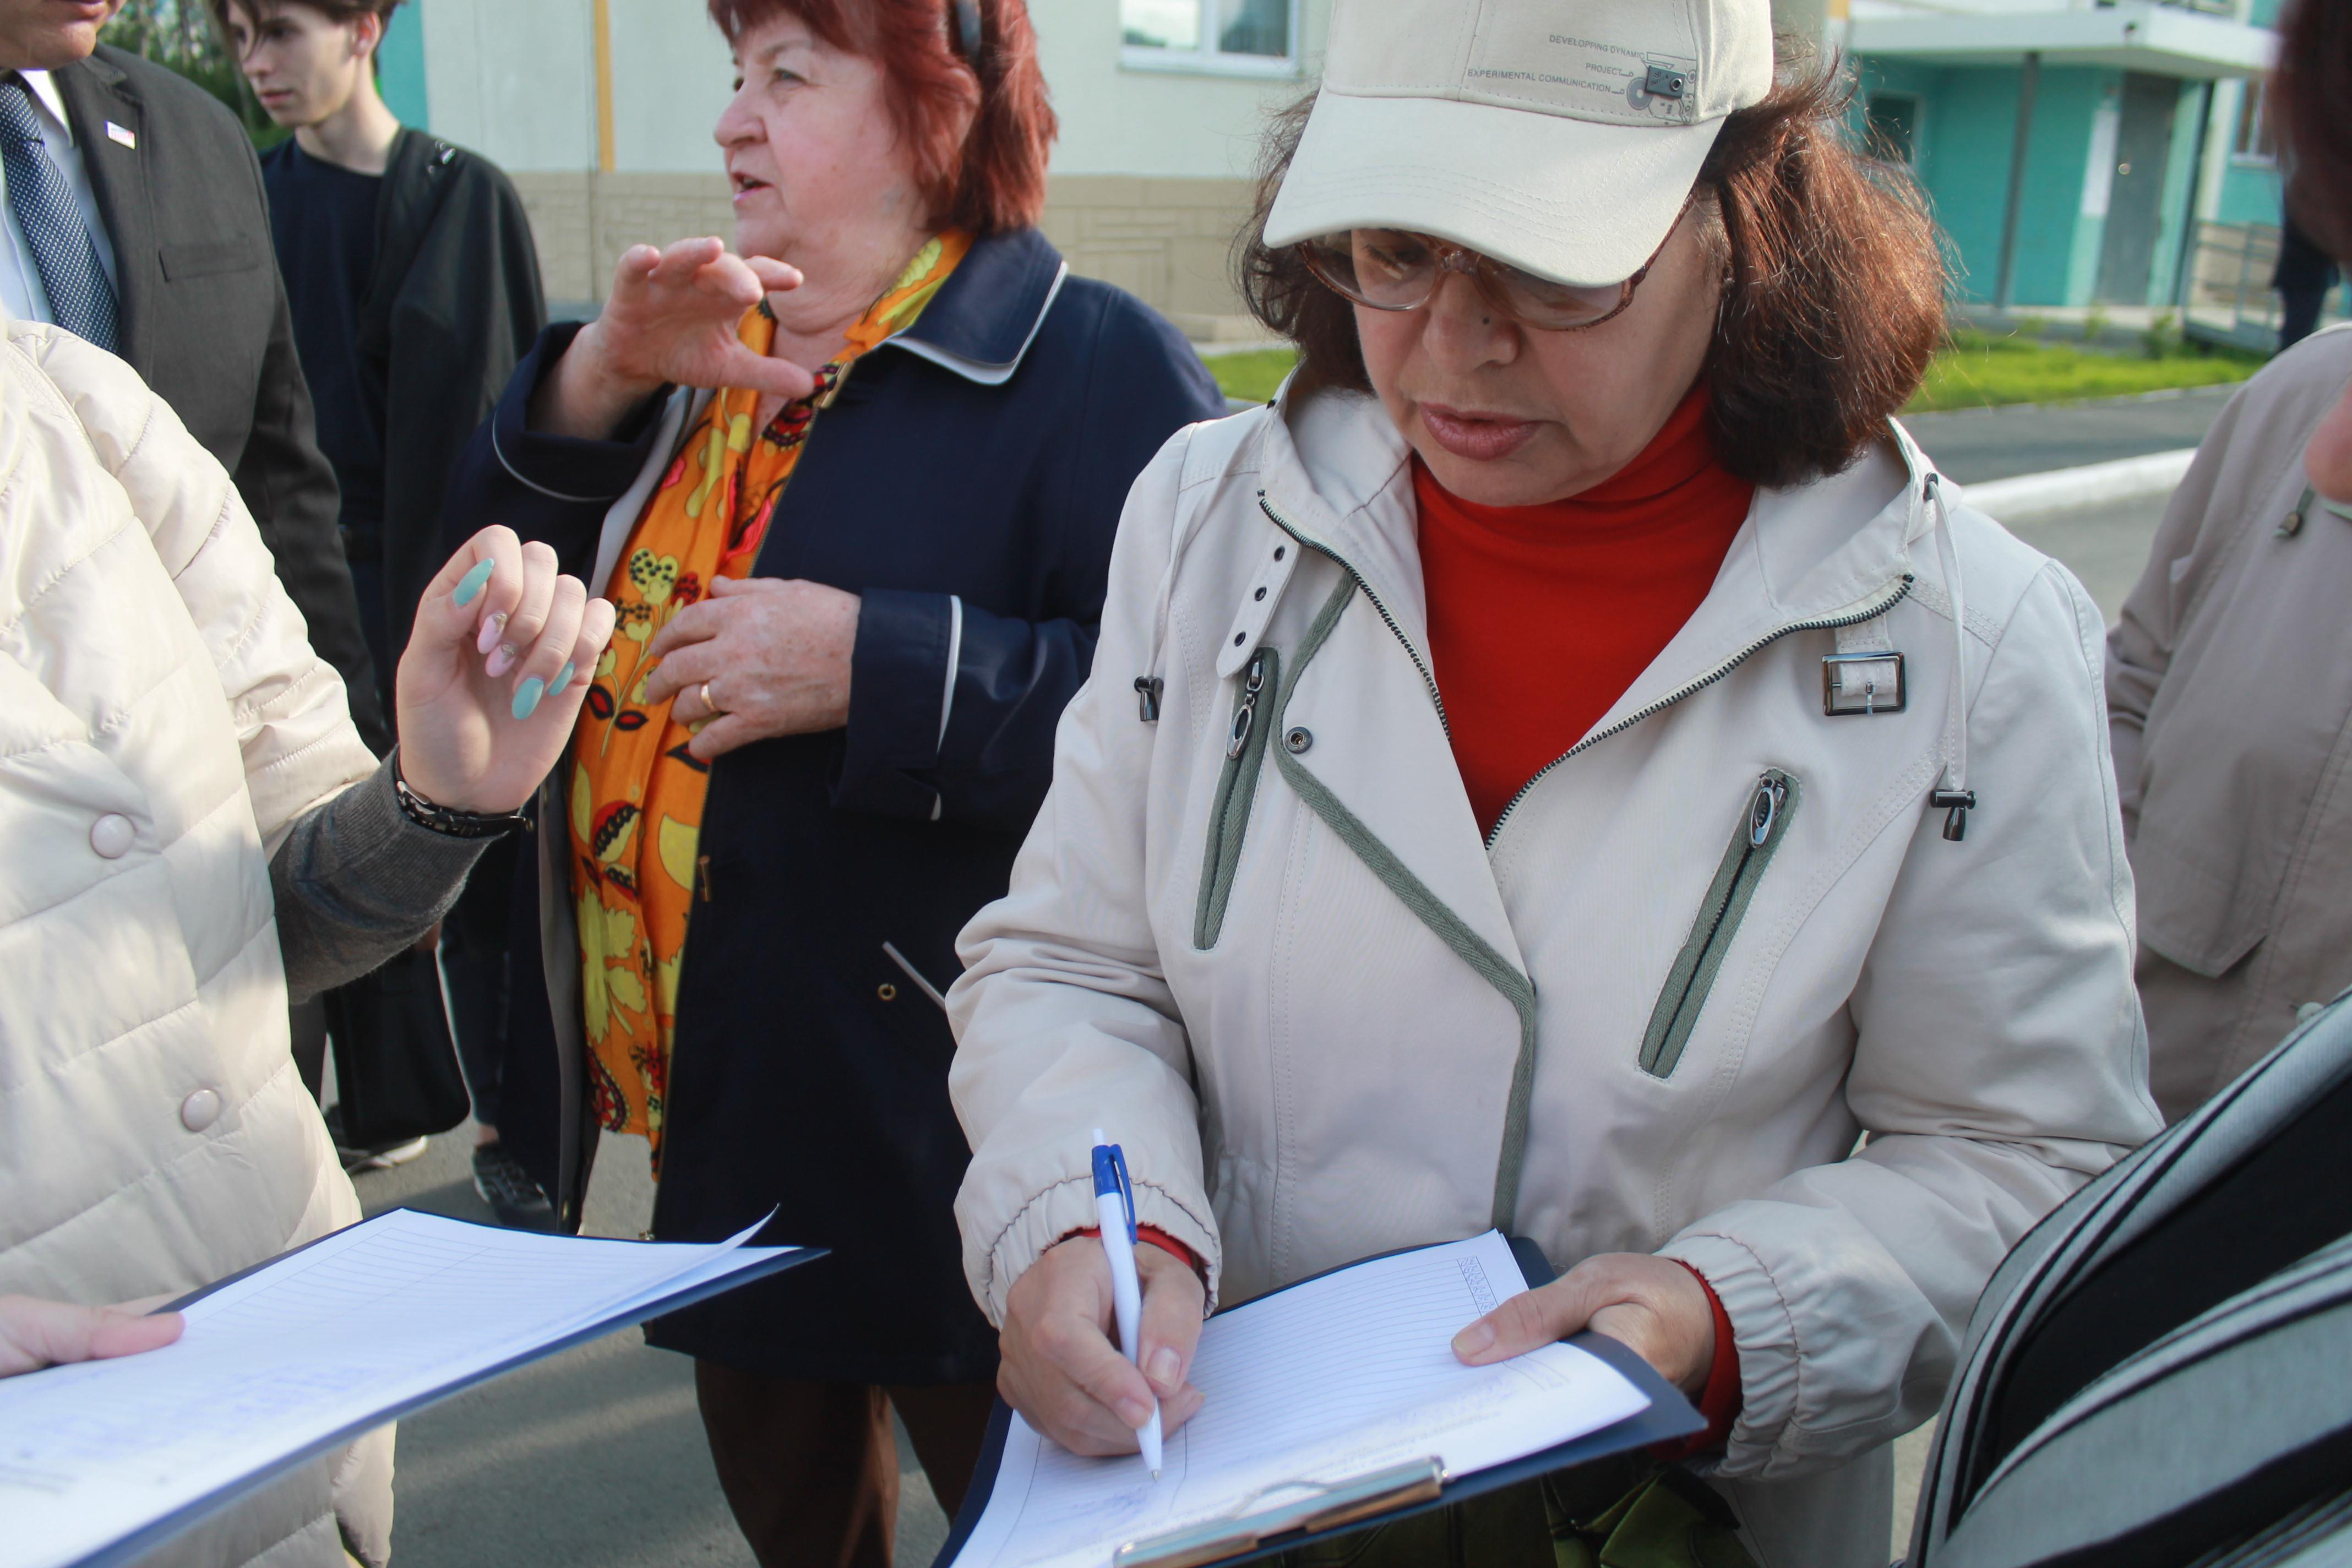 Как сообщил руководить ЧРО «Молодой Гвардии Единой России» Максим Голощапов, нак